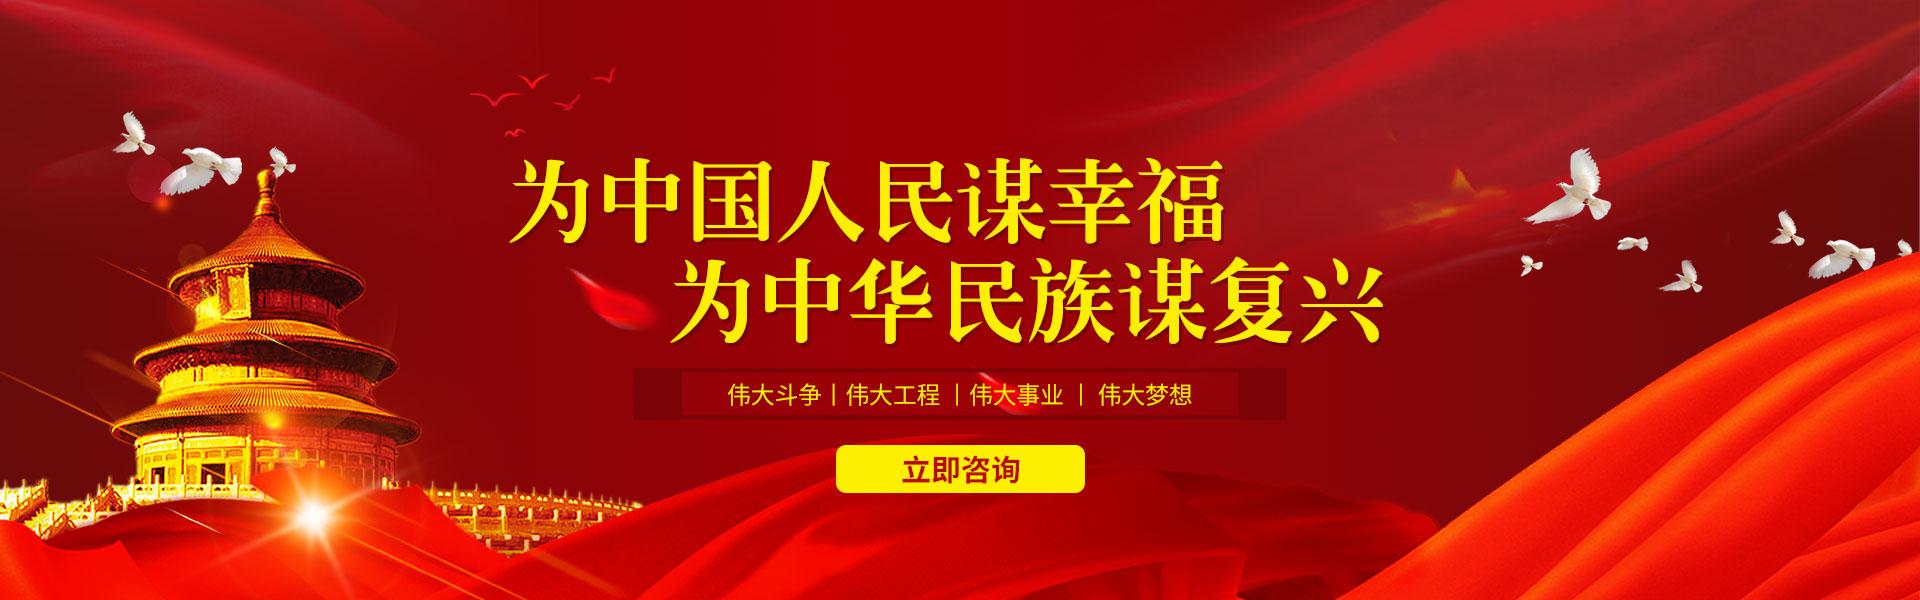 贵州大学成人高考